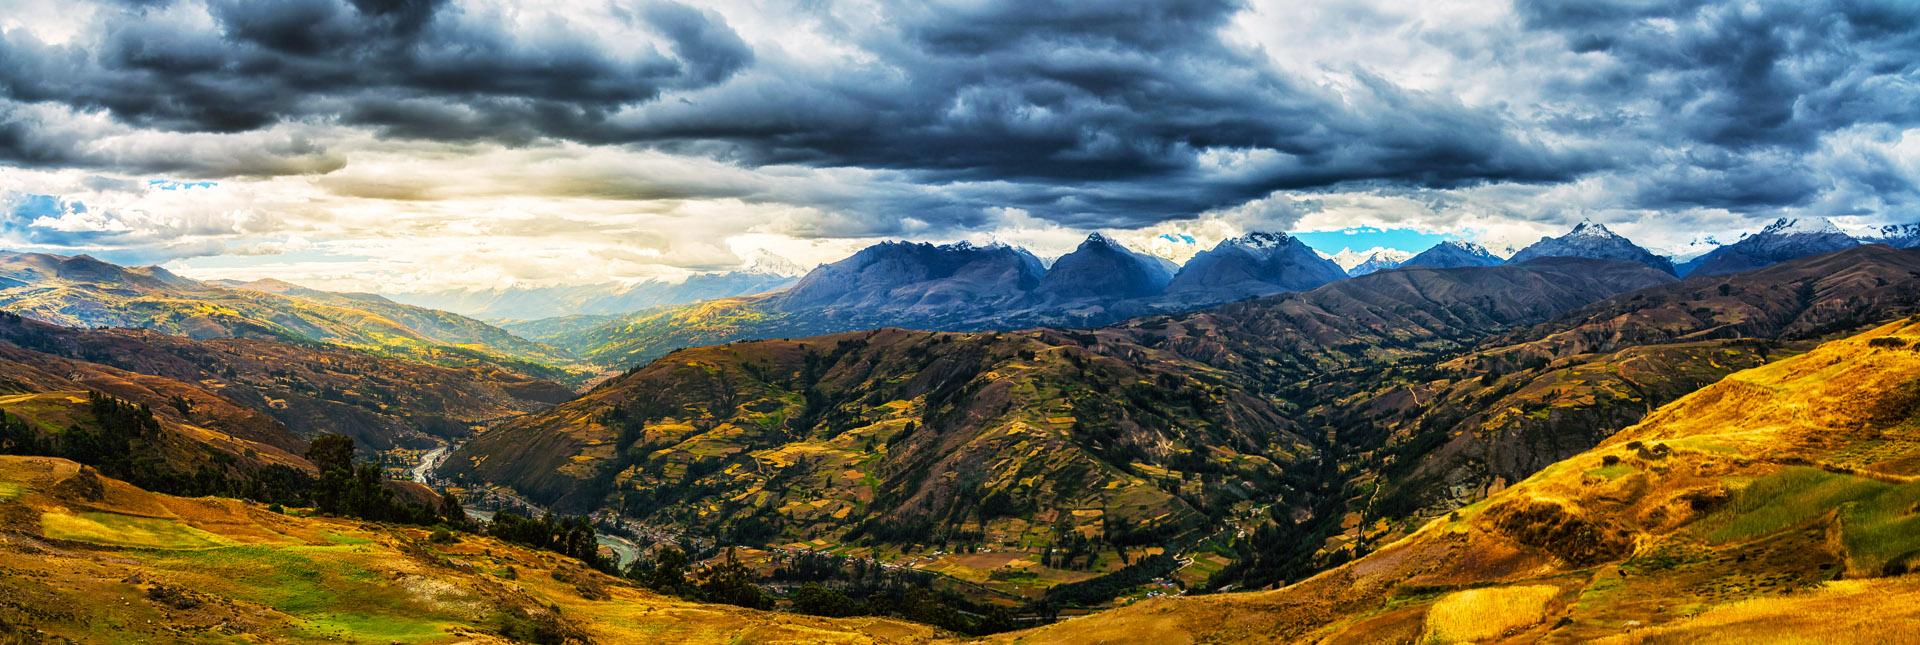 Landscape of Huaraz